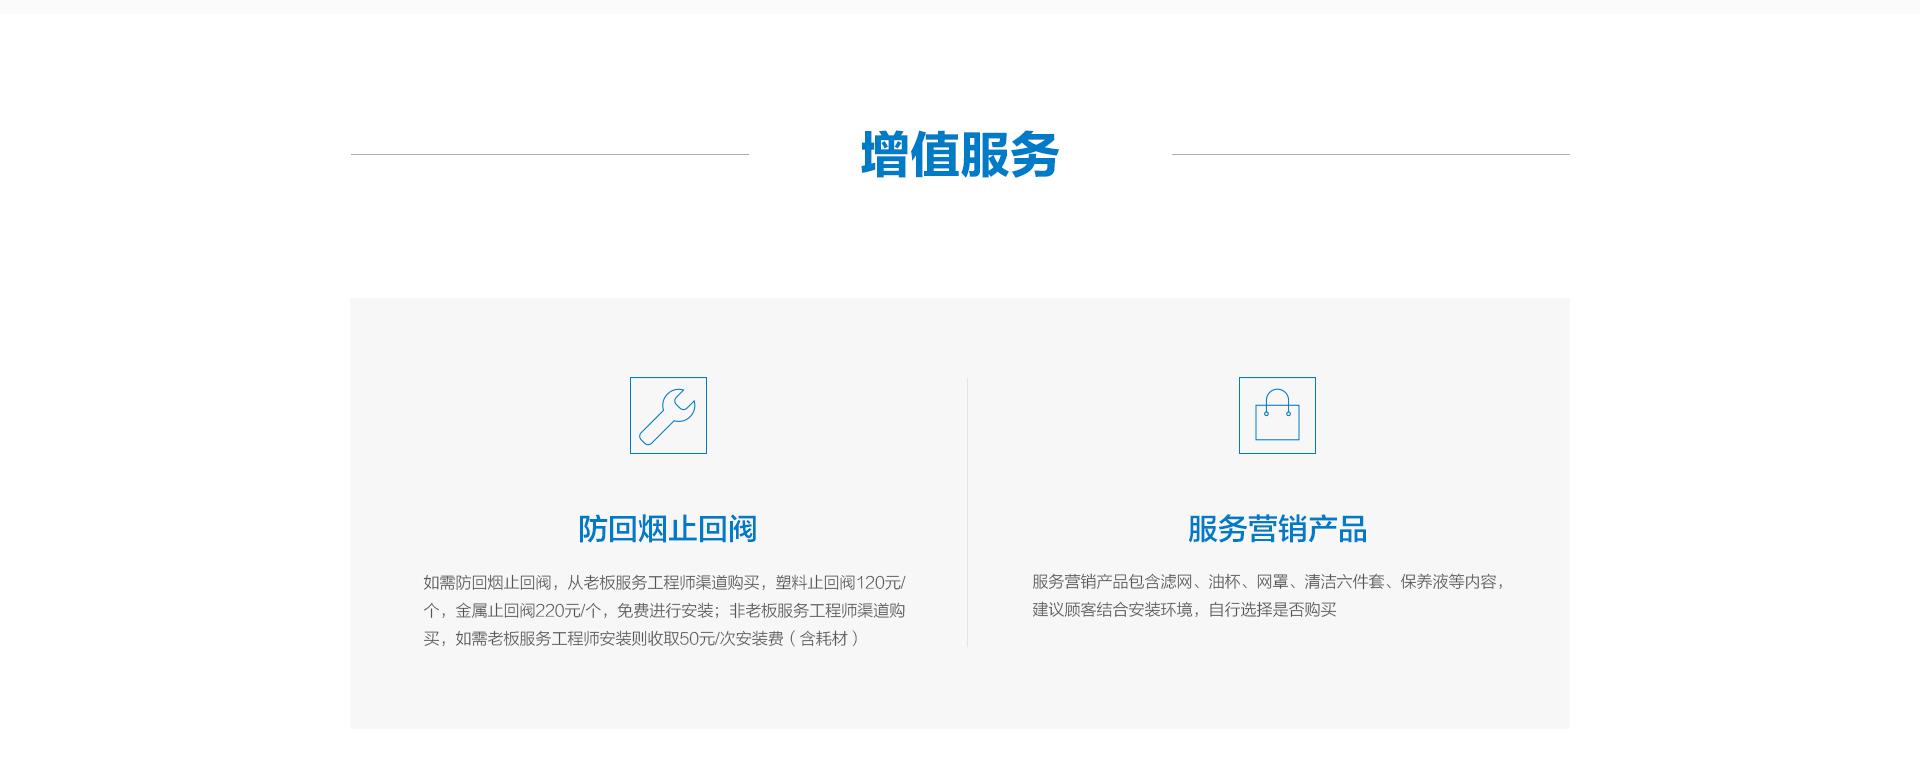 中国国民财富保险股分无限公司广州市荔湾收公司第两营销效劳部_梵素美乳套装